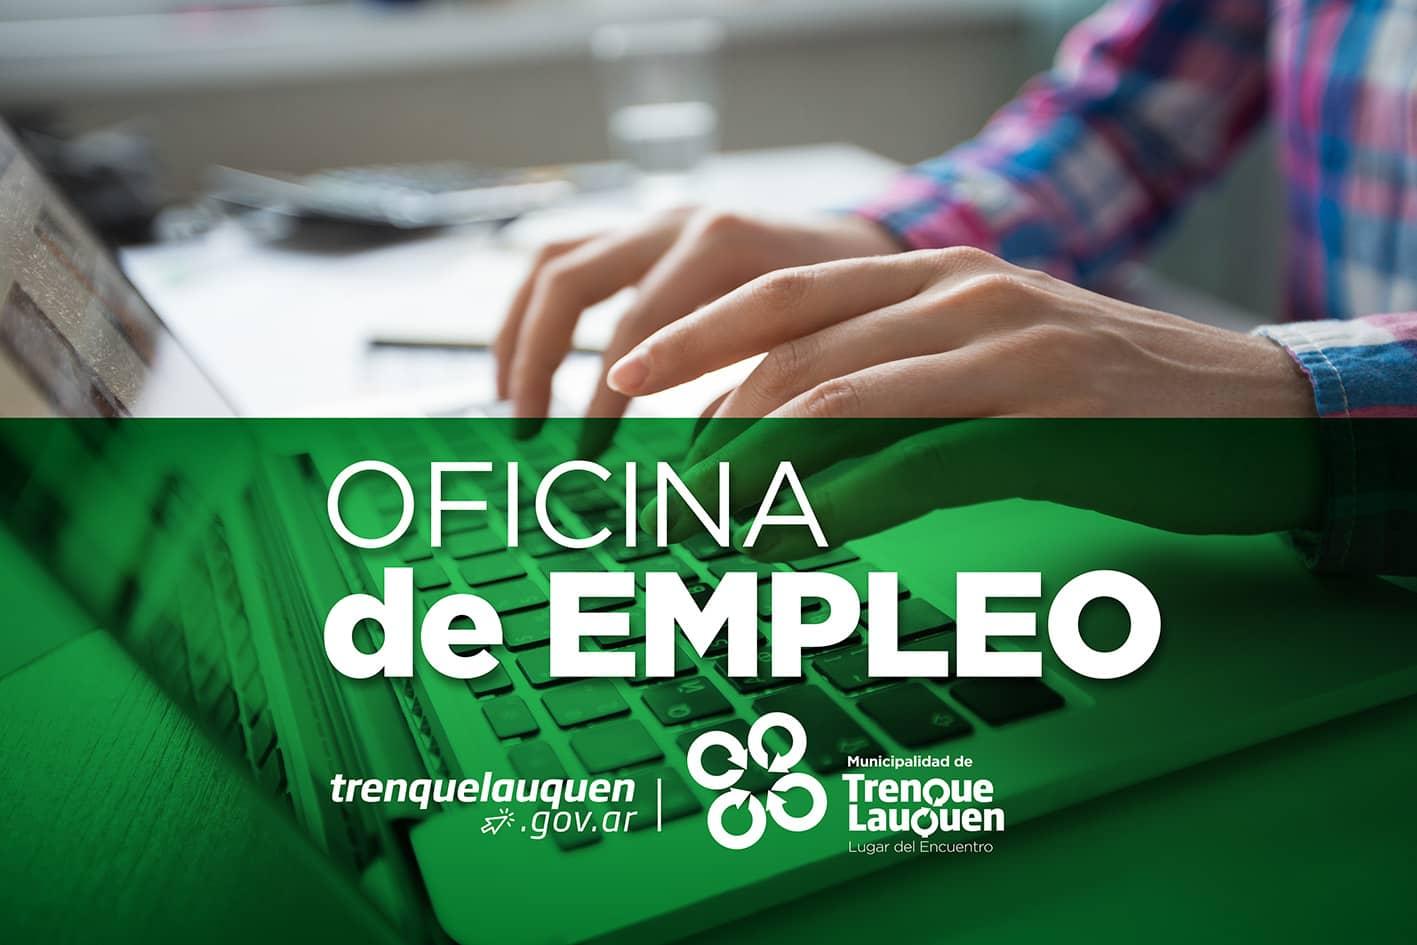 Oficina de empleo municipalidad de trenque lauquen - Oficinas de trabajo temporal ...